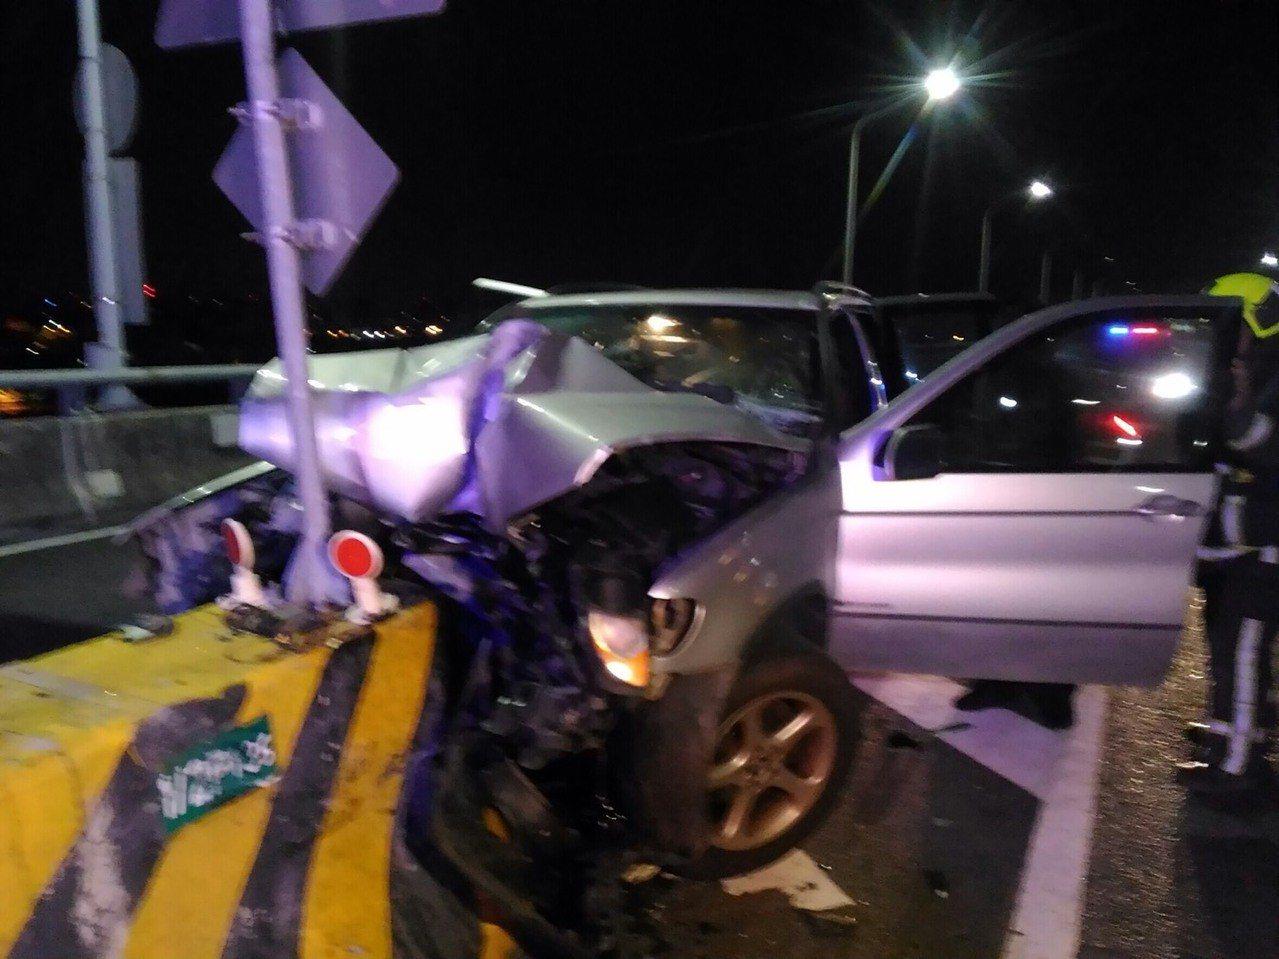 台中市中彰快速道路今天凌晨發生轎車撞安全護欄車禍。圖/台中市消防局提供